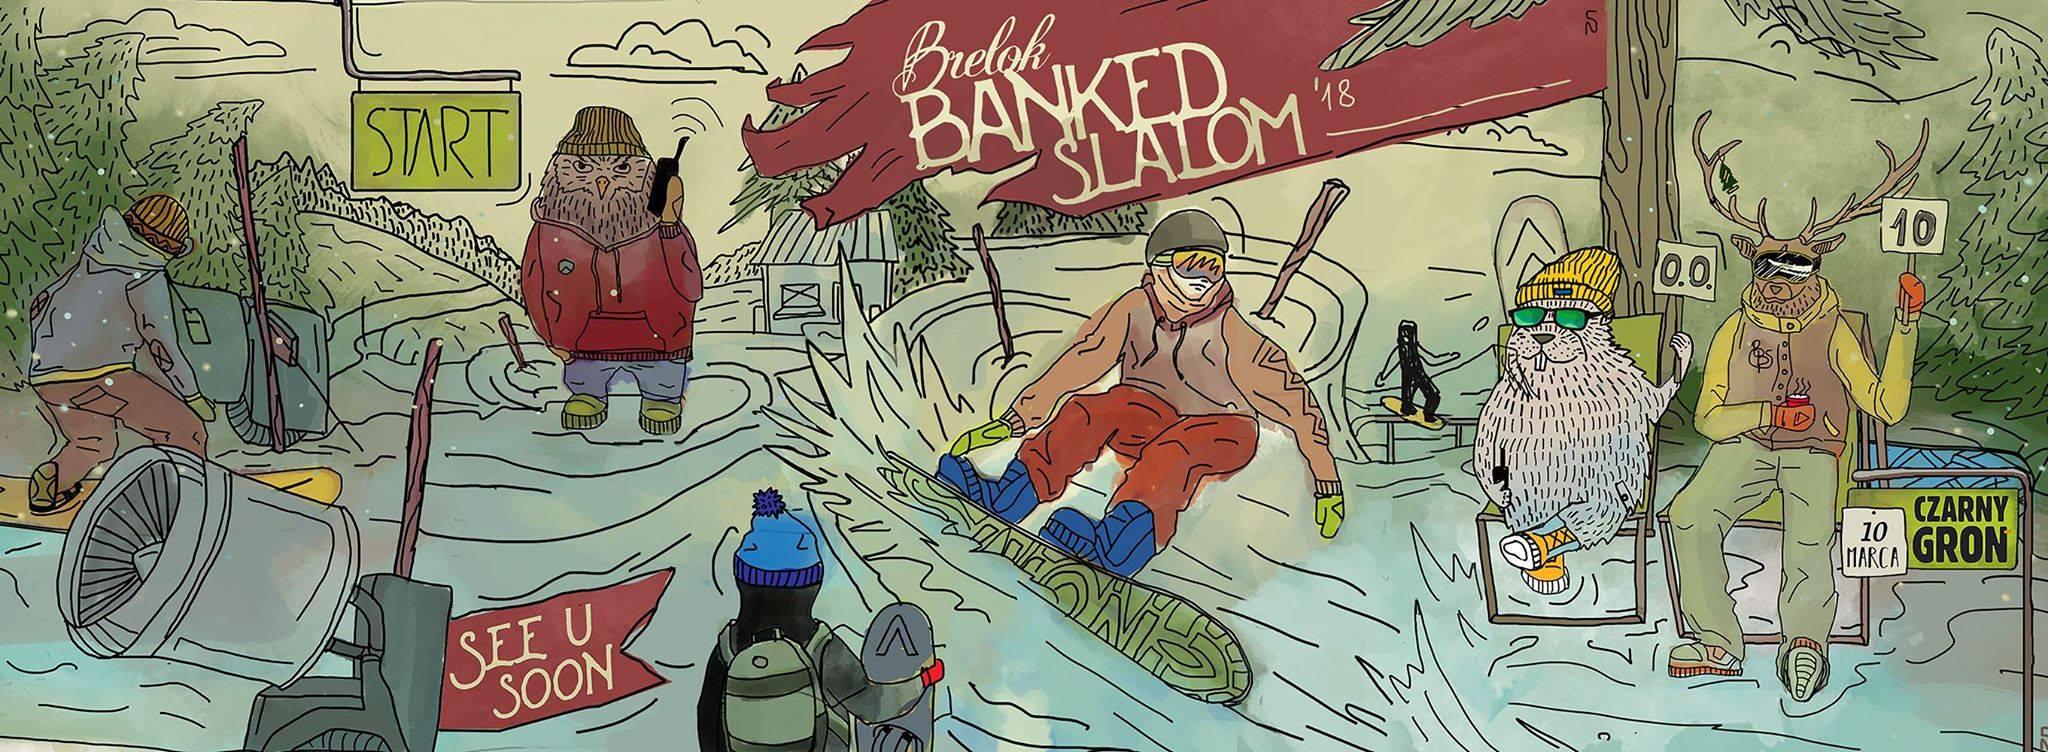 Brelok Banked Slalom 2018